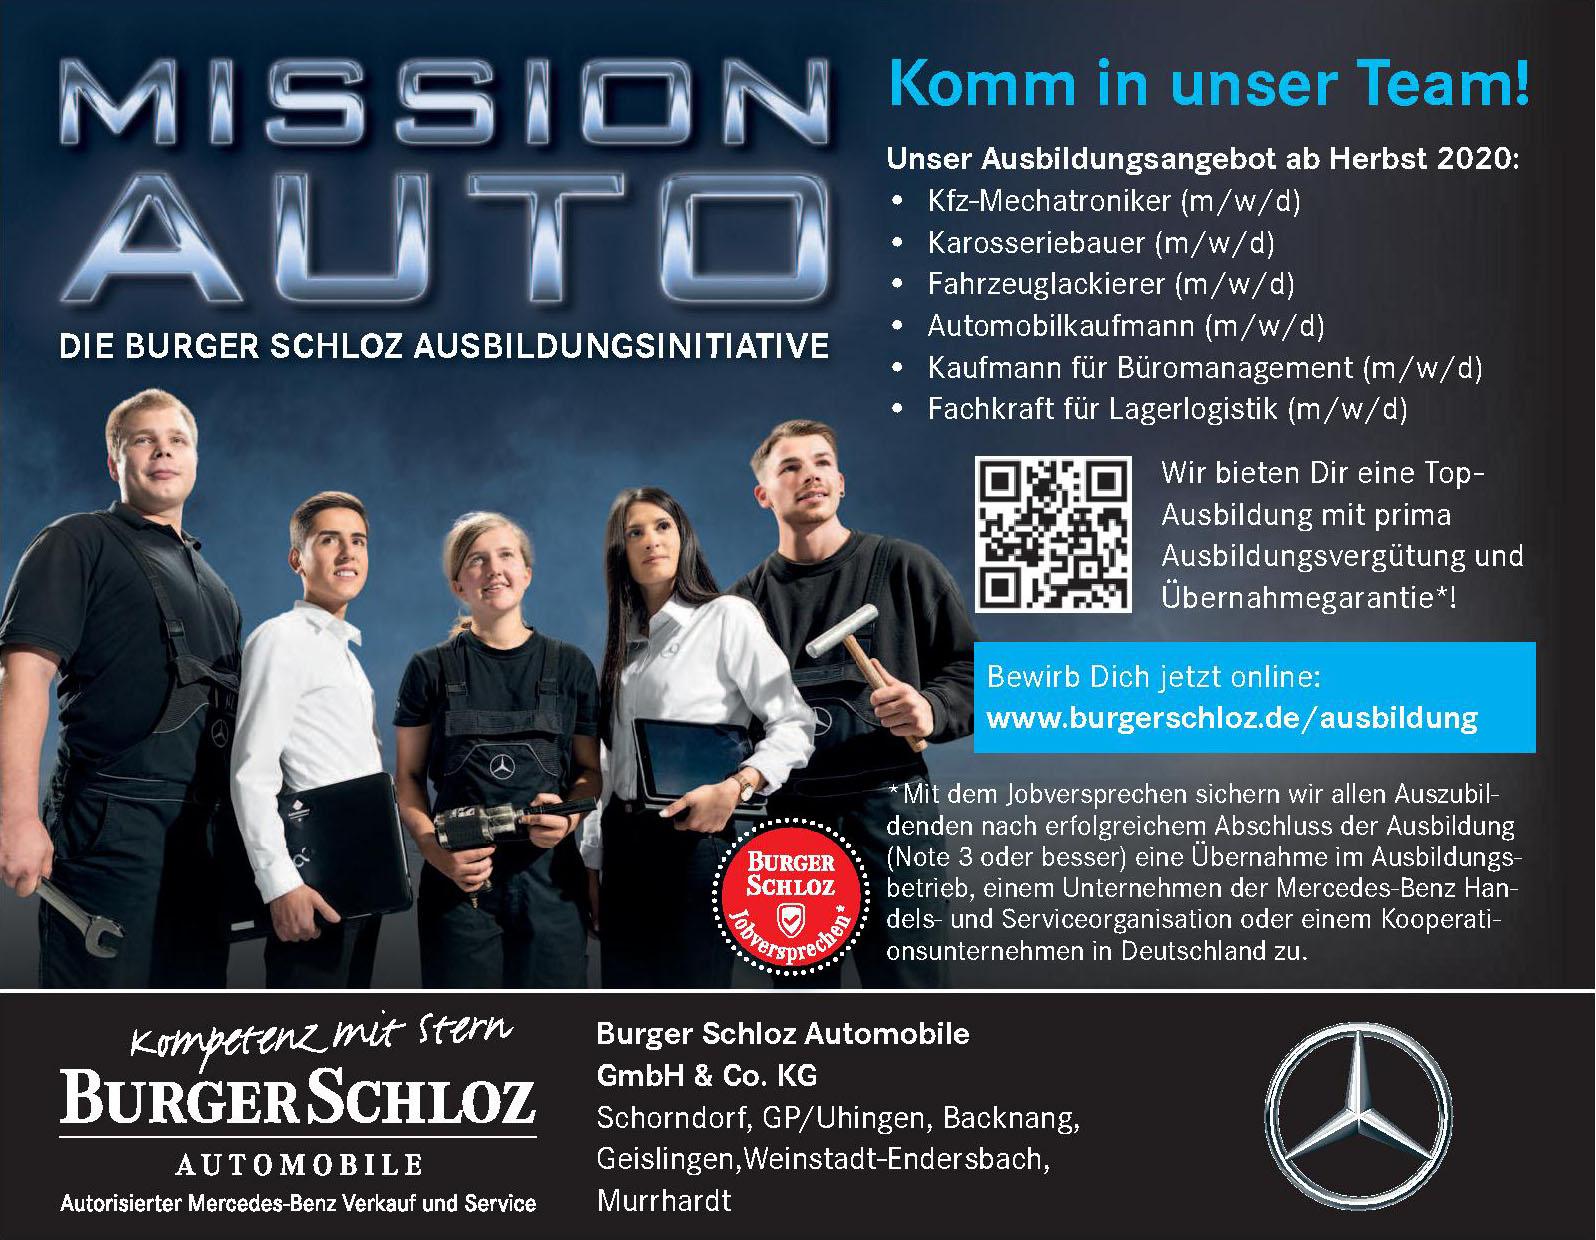 Burger Schloz Automobile GmbH & Co. KG